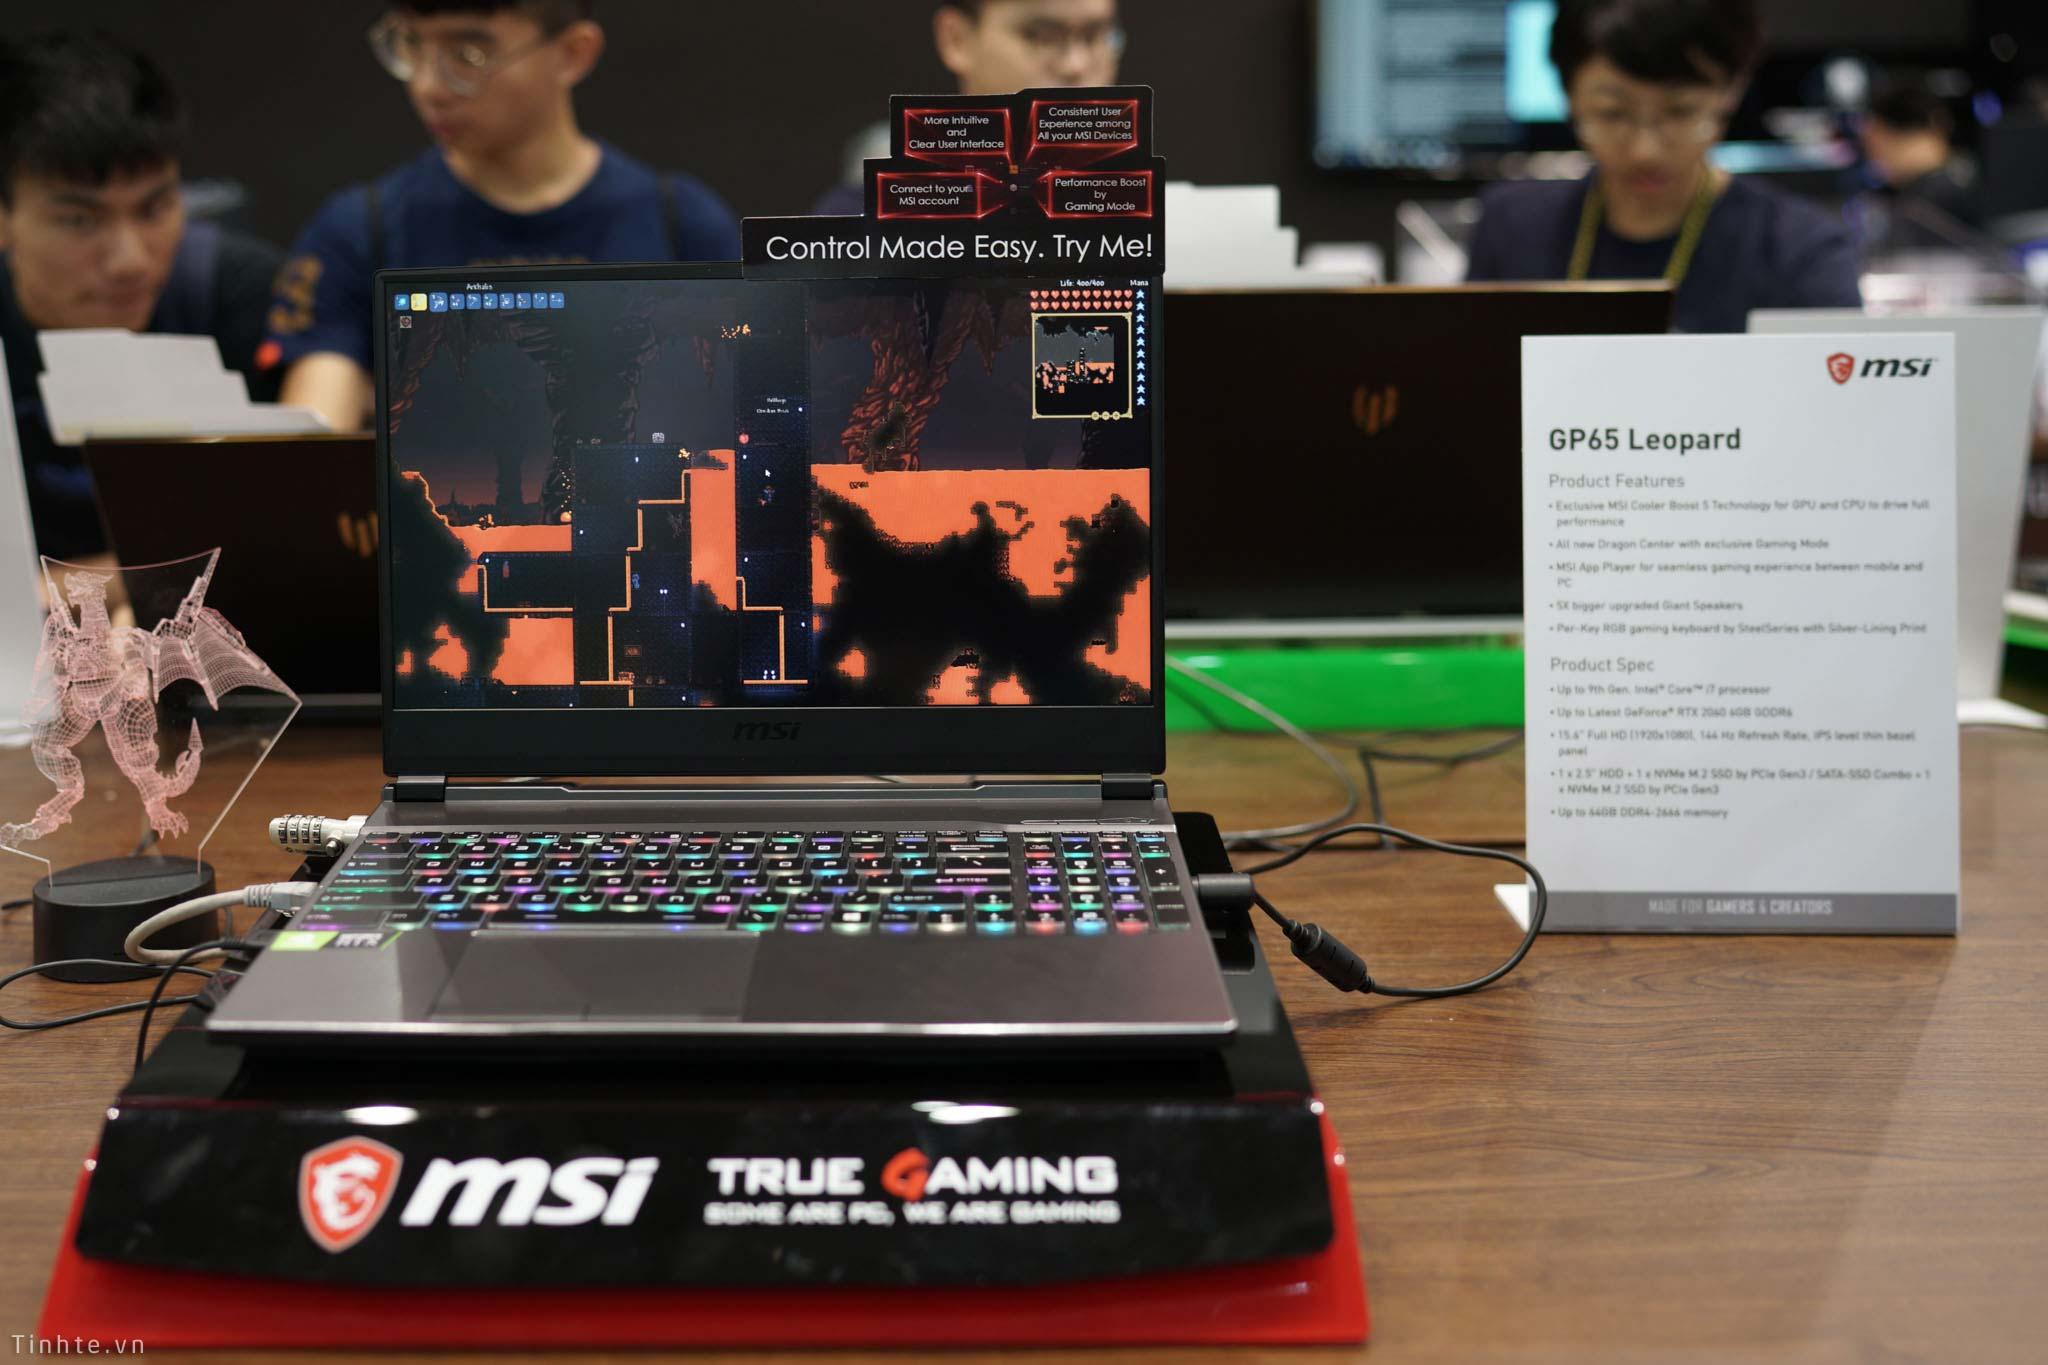 MSI_GP_GE_laptop-2.jpg